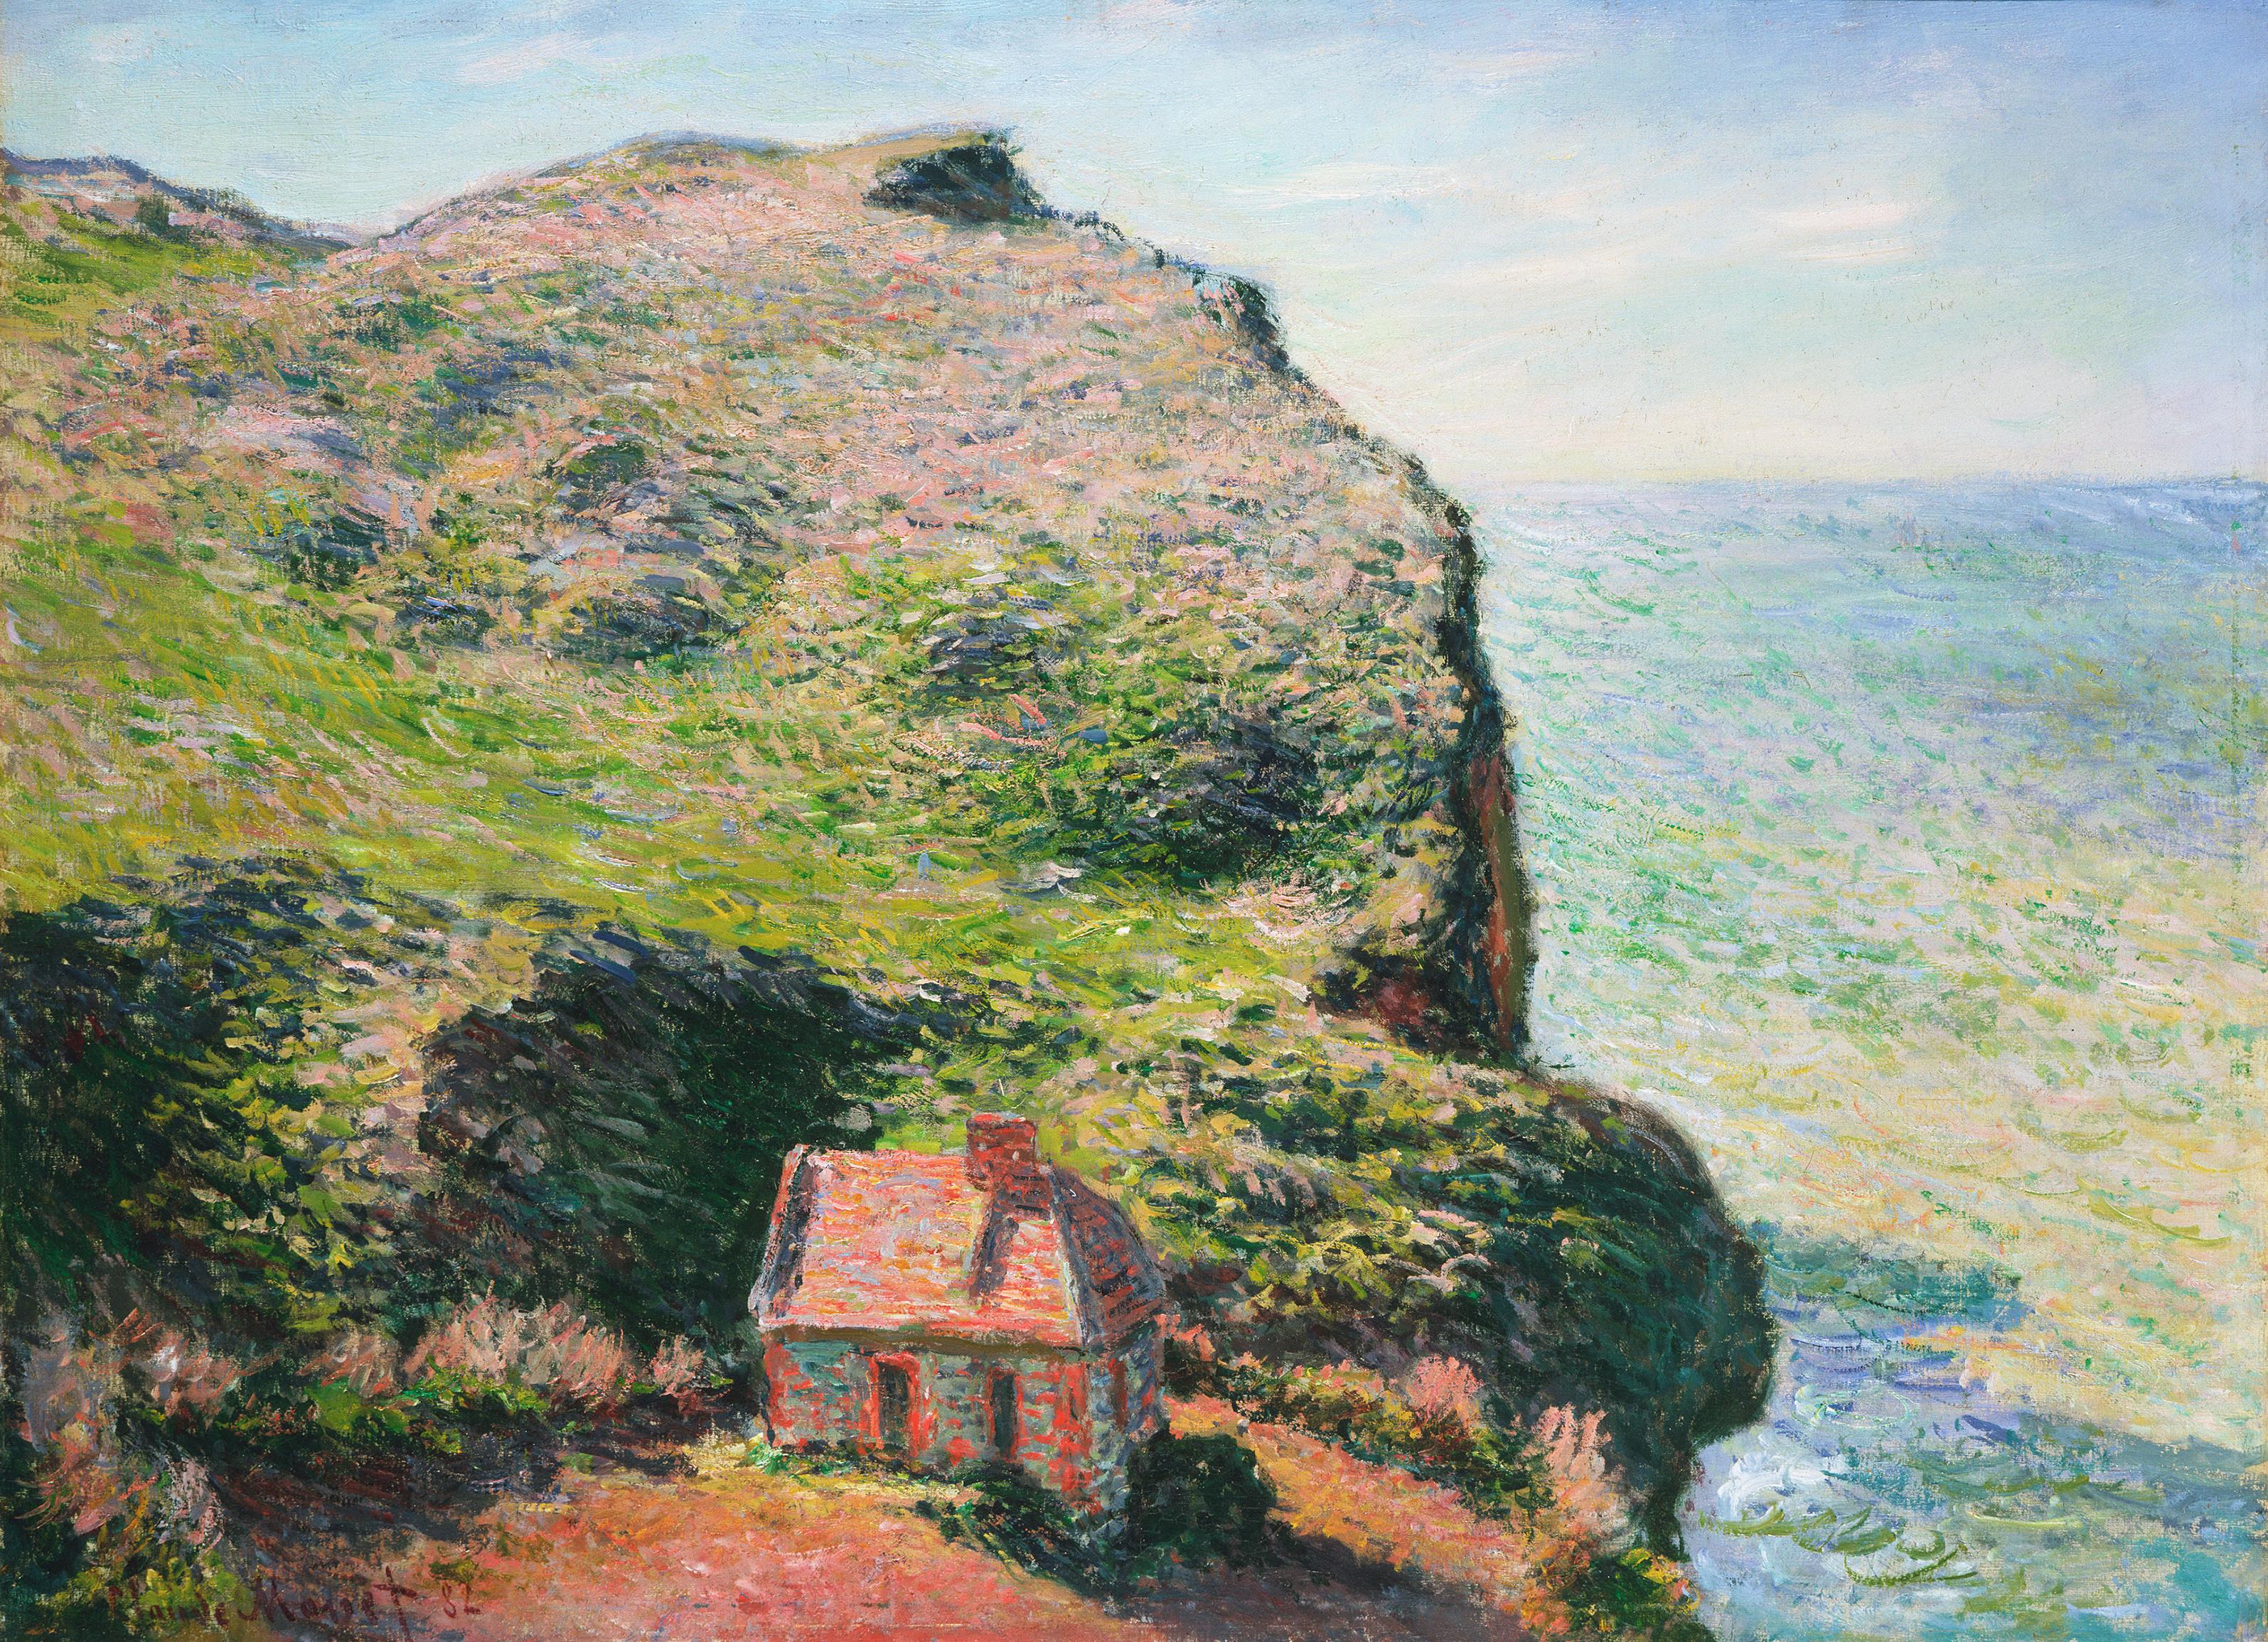 Произведения Клода Моне / Artworks by Claude Monet (153 работ) » Страница 2  » Картины, художники, фотографы на Nevsepic